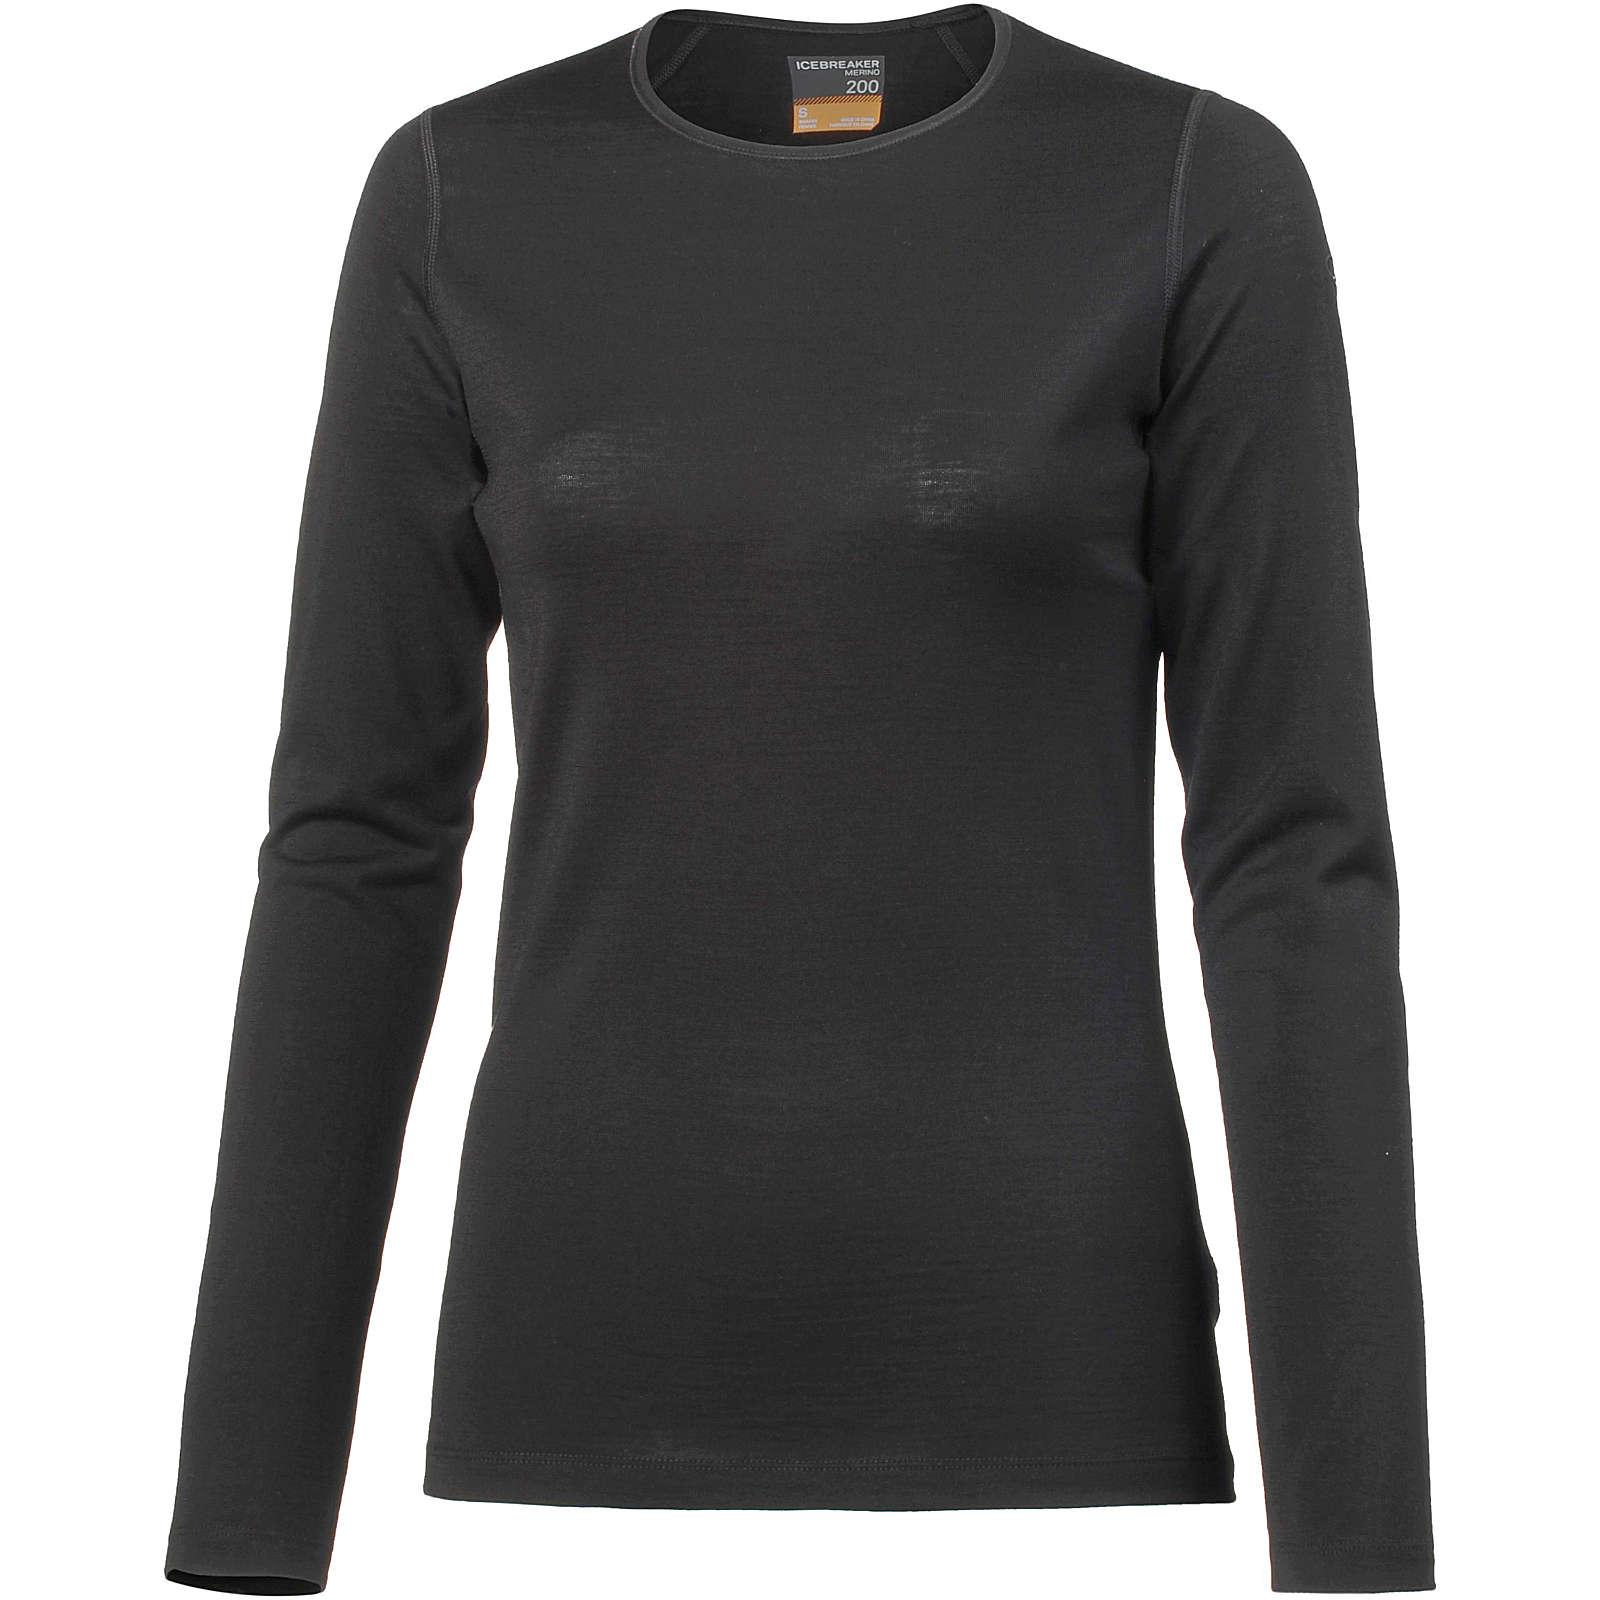 Icebreaker Funktionsshirt 200 Oasis Merino Funktionsshirts schwarz Damen Gr. 34